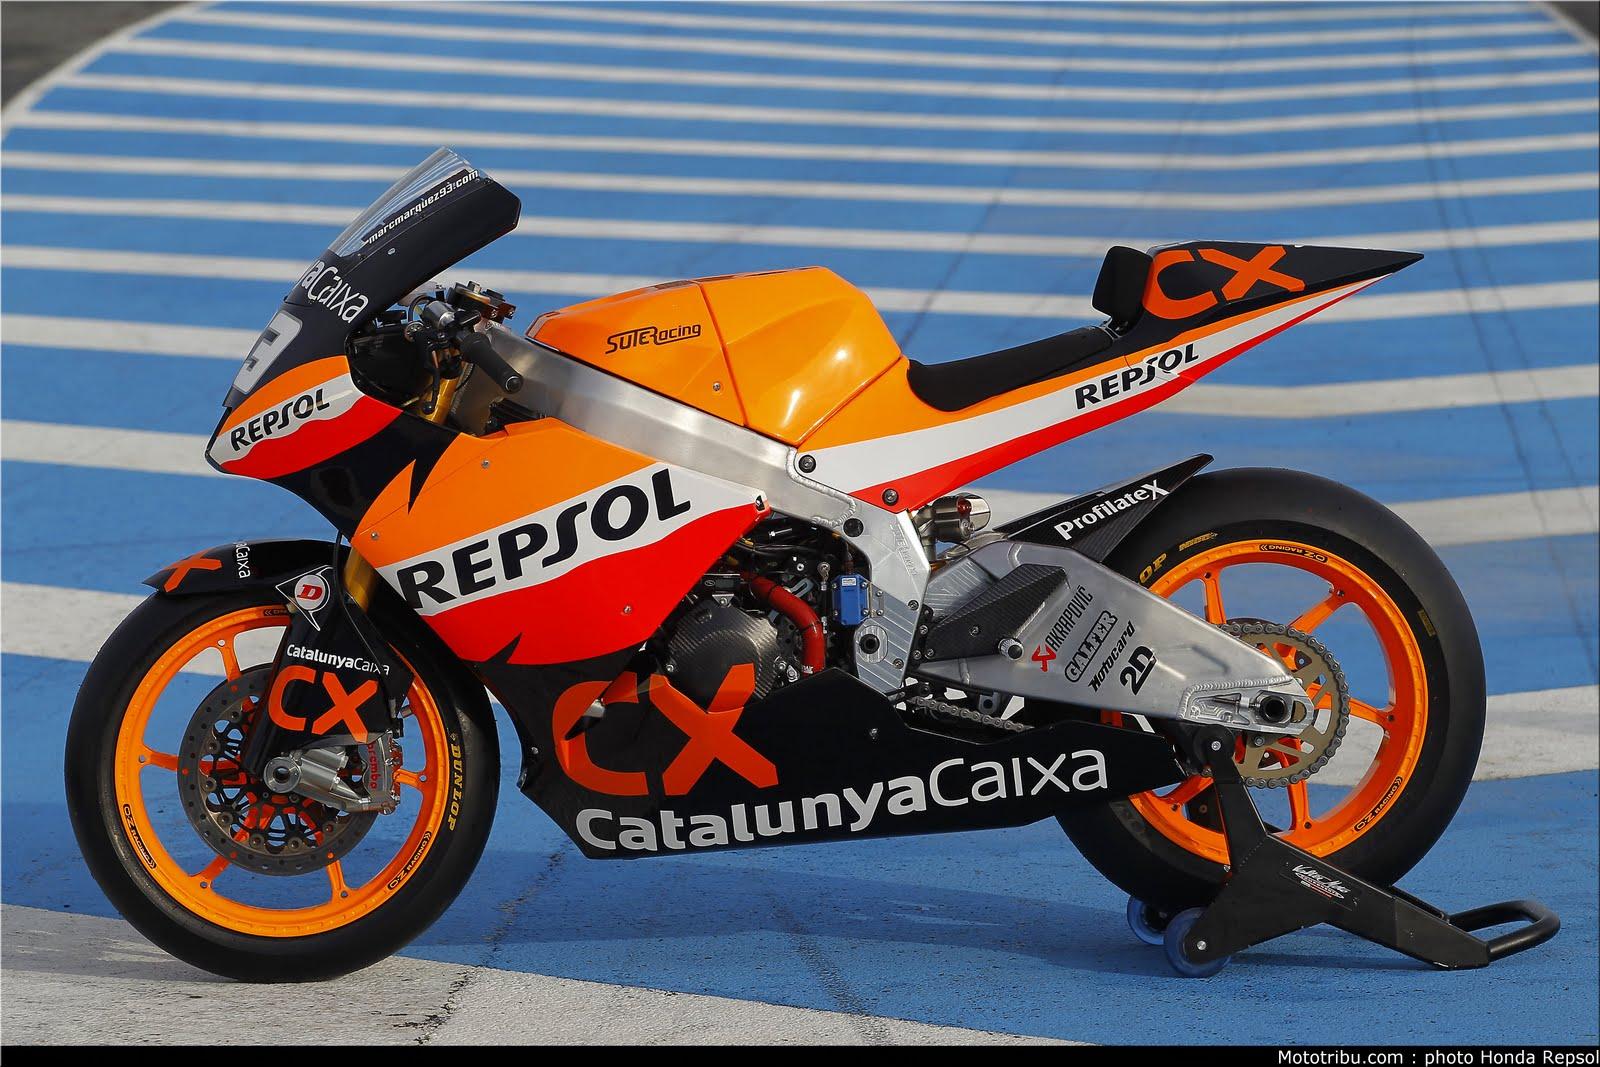 Machines de courses ( Race bikes ) - Page 6 Suter%2BMMX%2BMarquez%2B2011%2B03